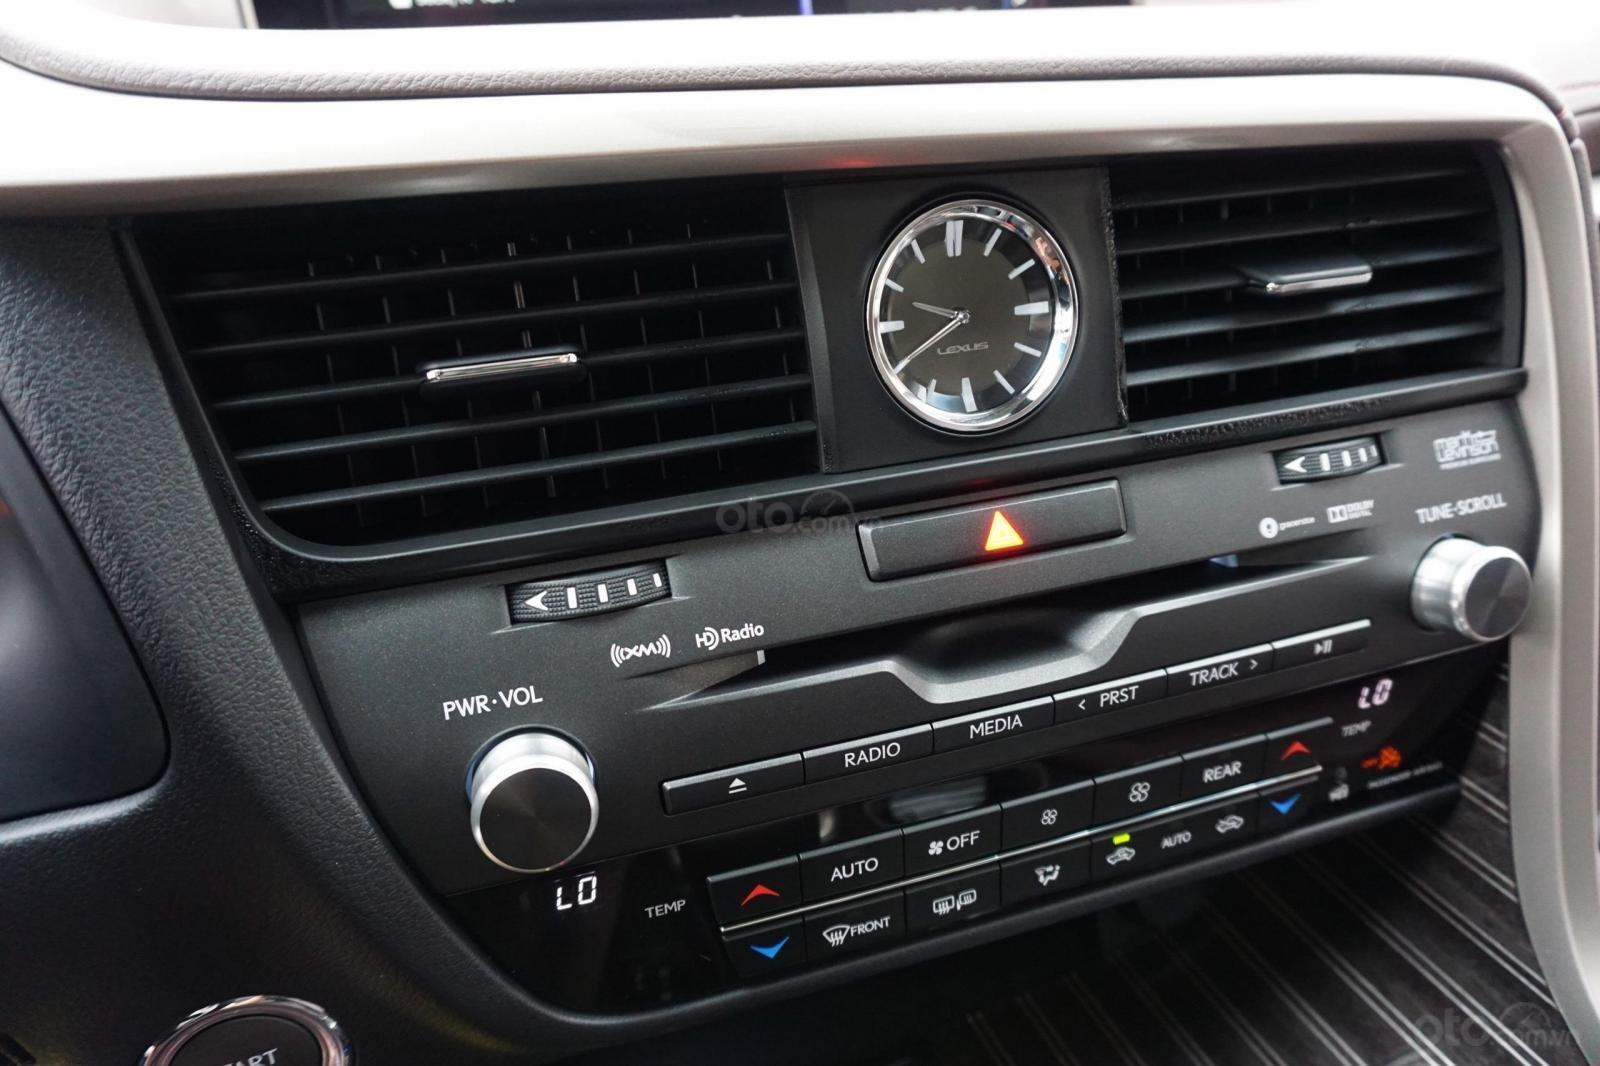 Bán ô tô Lexus RX 350 SX 2019, xe nhập Mỹ full kịch options, giá tốt, giao ngay toàn quốc, LH 093.996.2368 Ms Ngọc Vy (9)